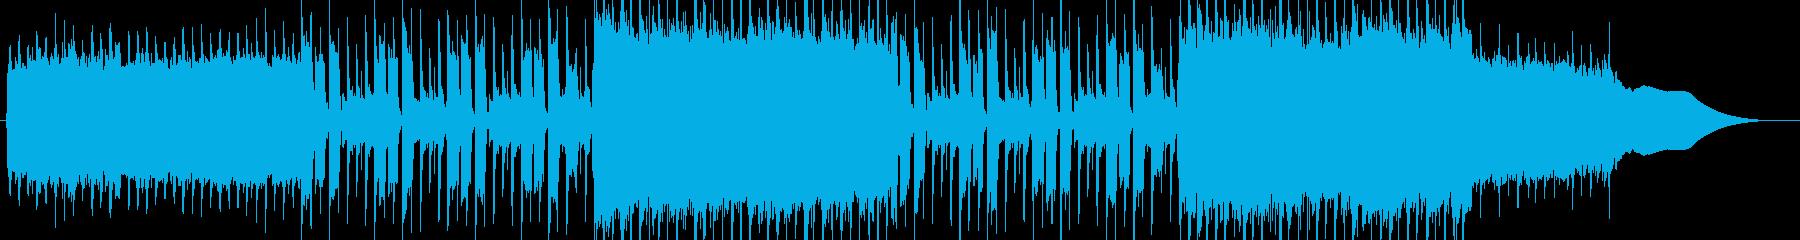 壮大なイメージのEDMロックの再生済みの波形